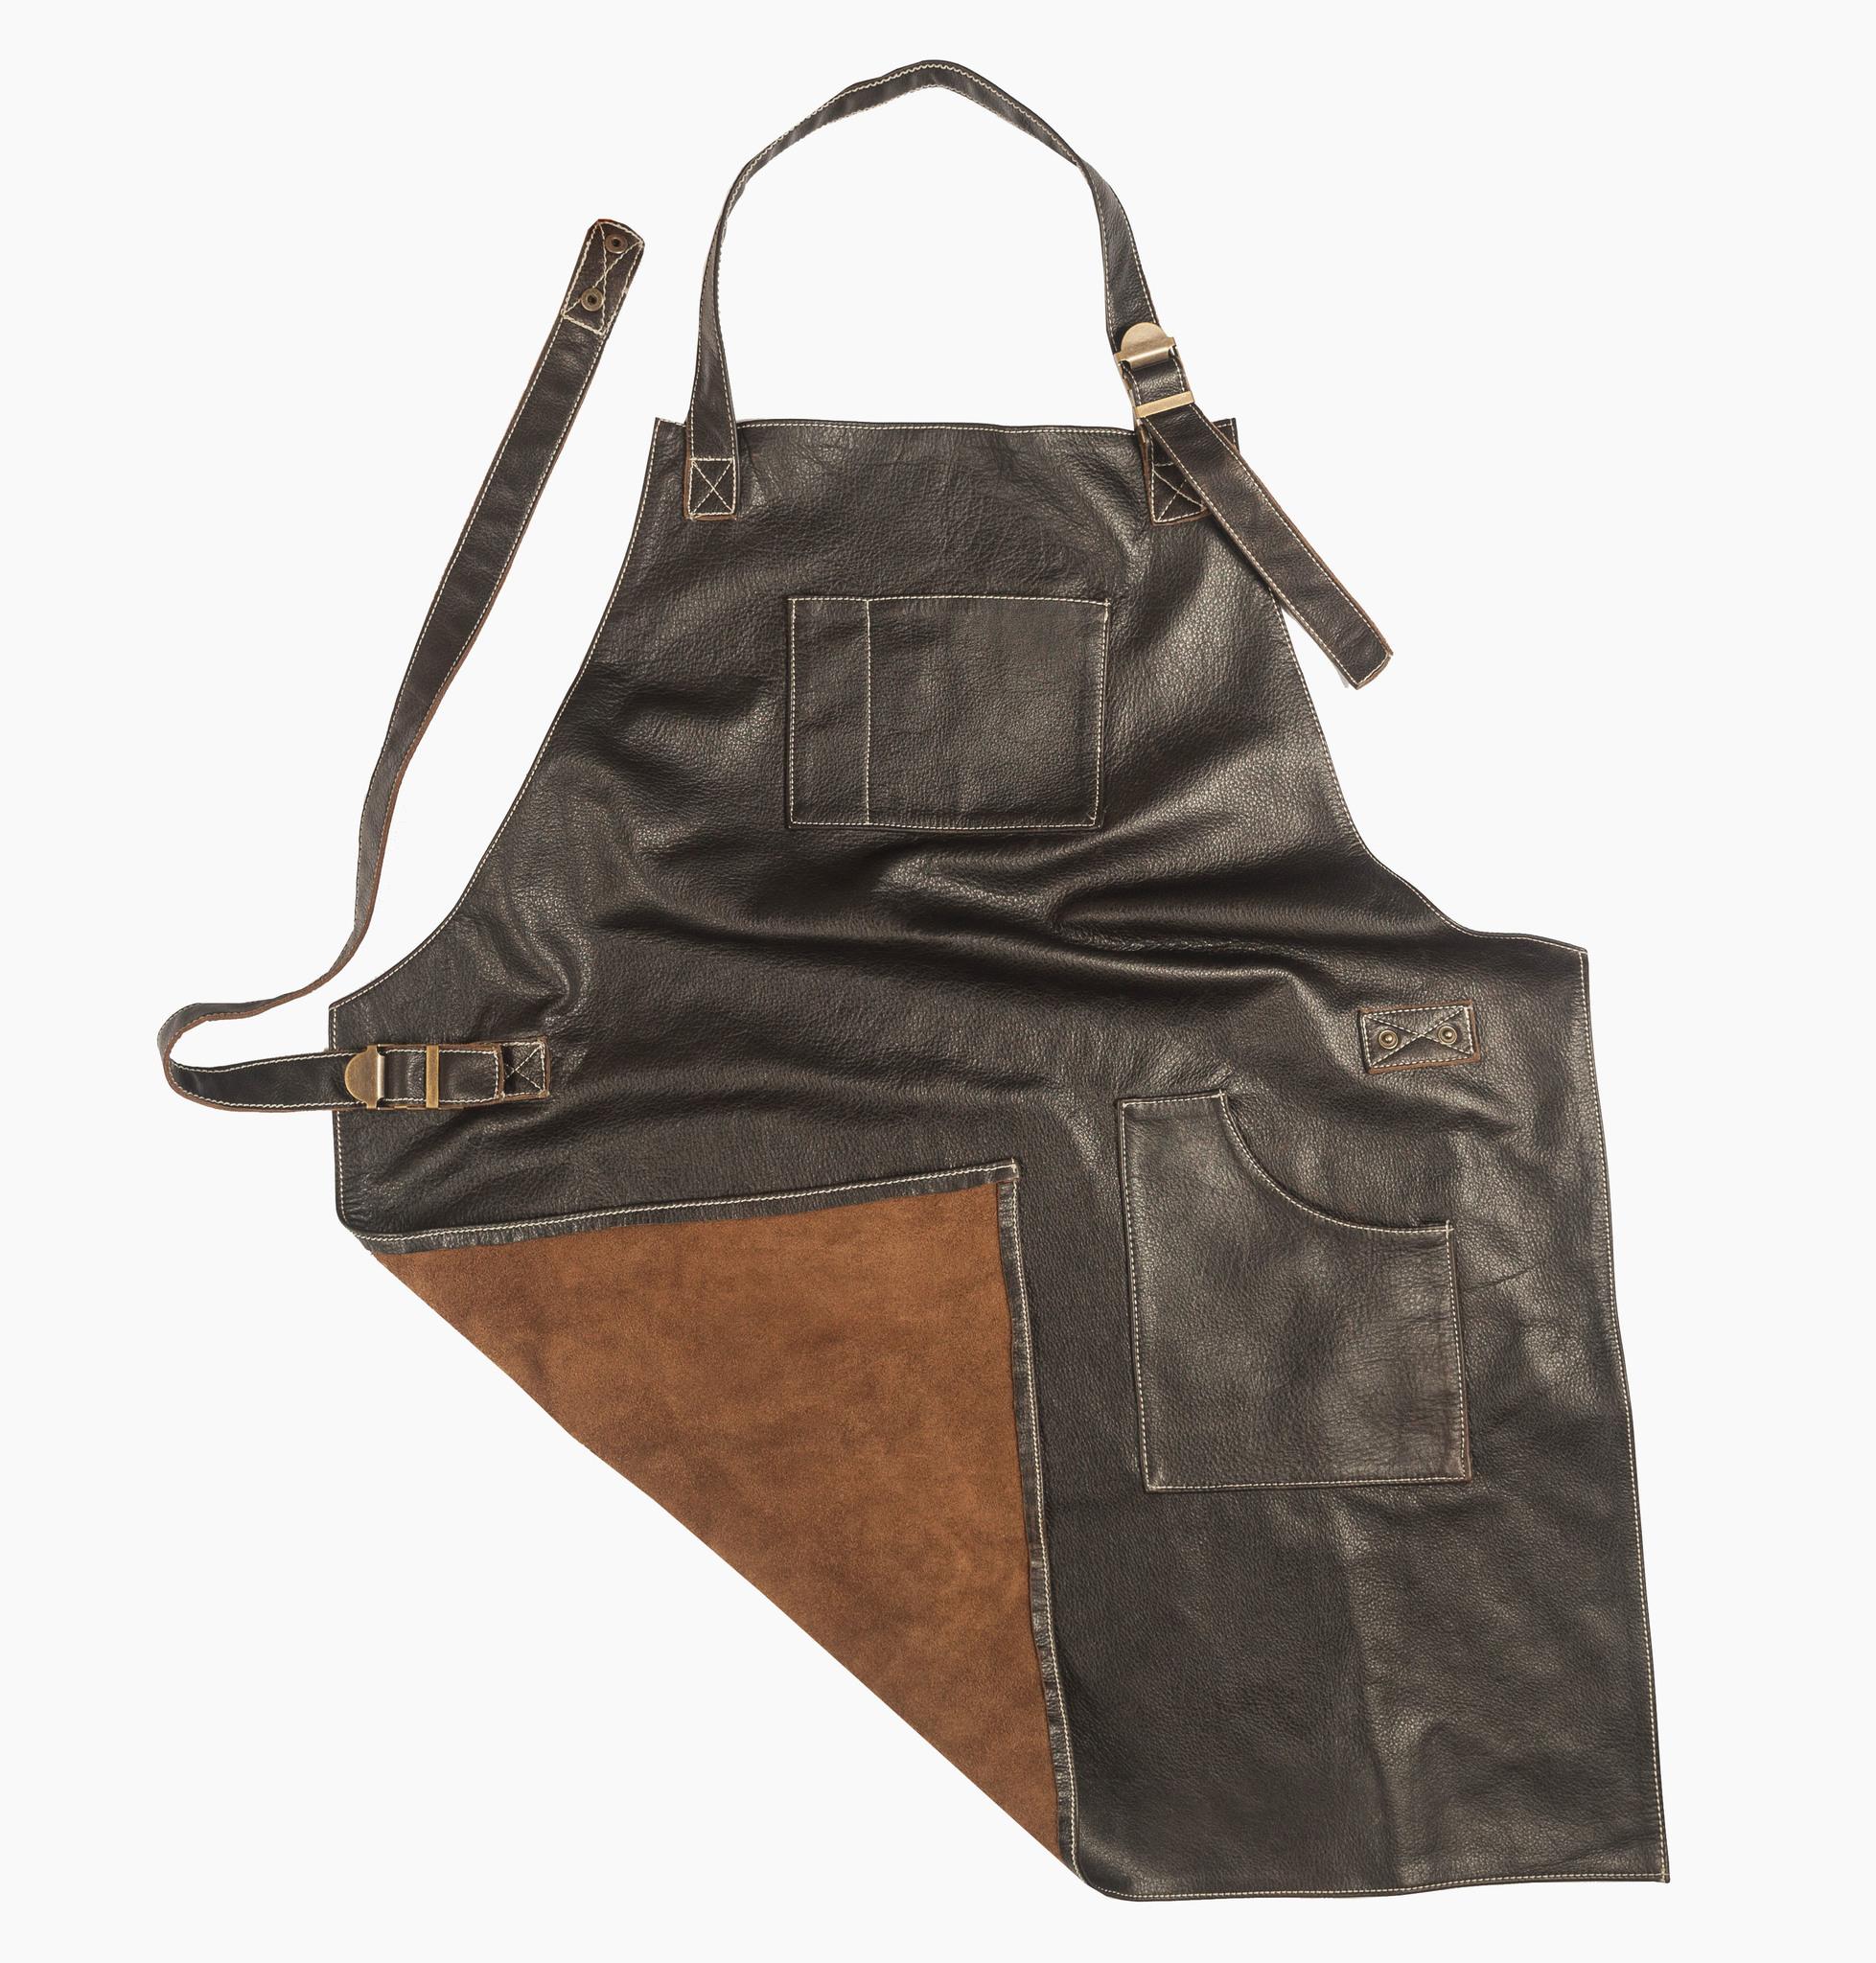 Мужской брутальный кожаный фартук тёмно-коричневый ручной работы с нагрудным карманом и боковым, с регулирующимся ремнём Brewer Lab 17111Ш из импортной натуральной кожи